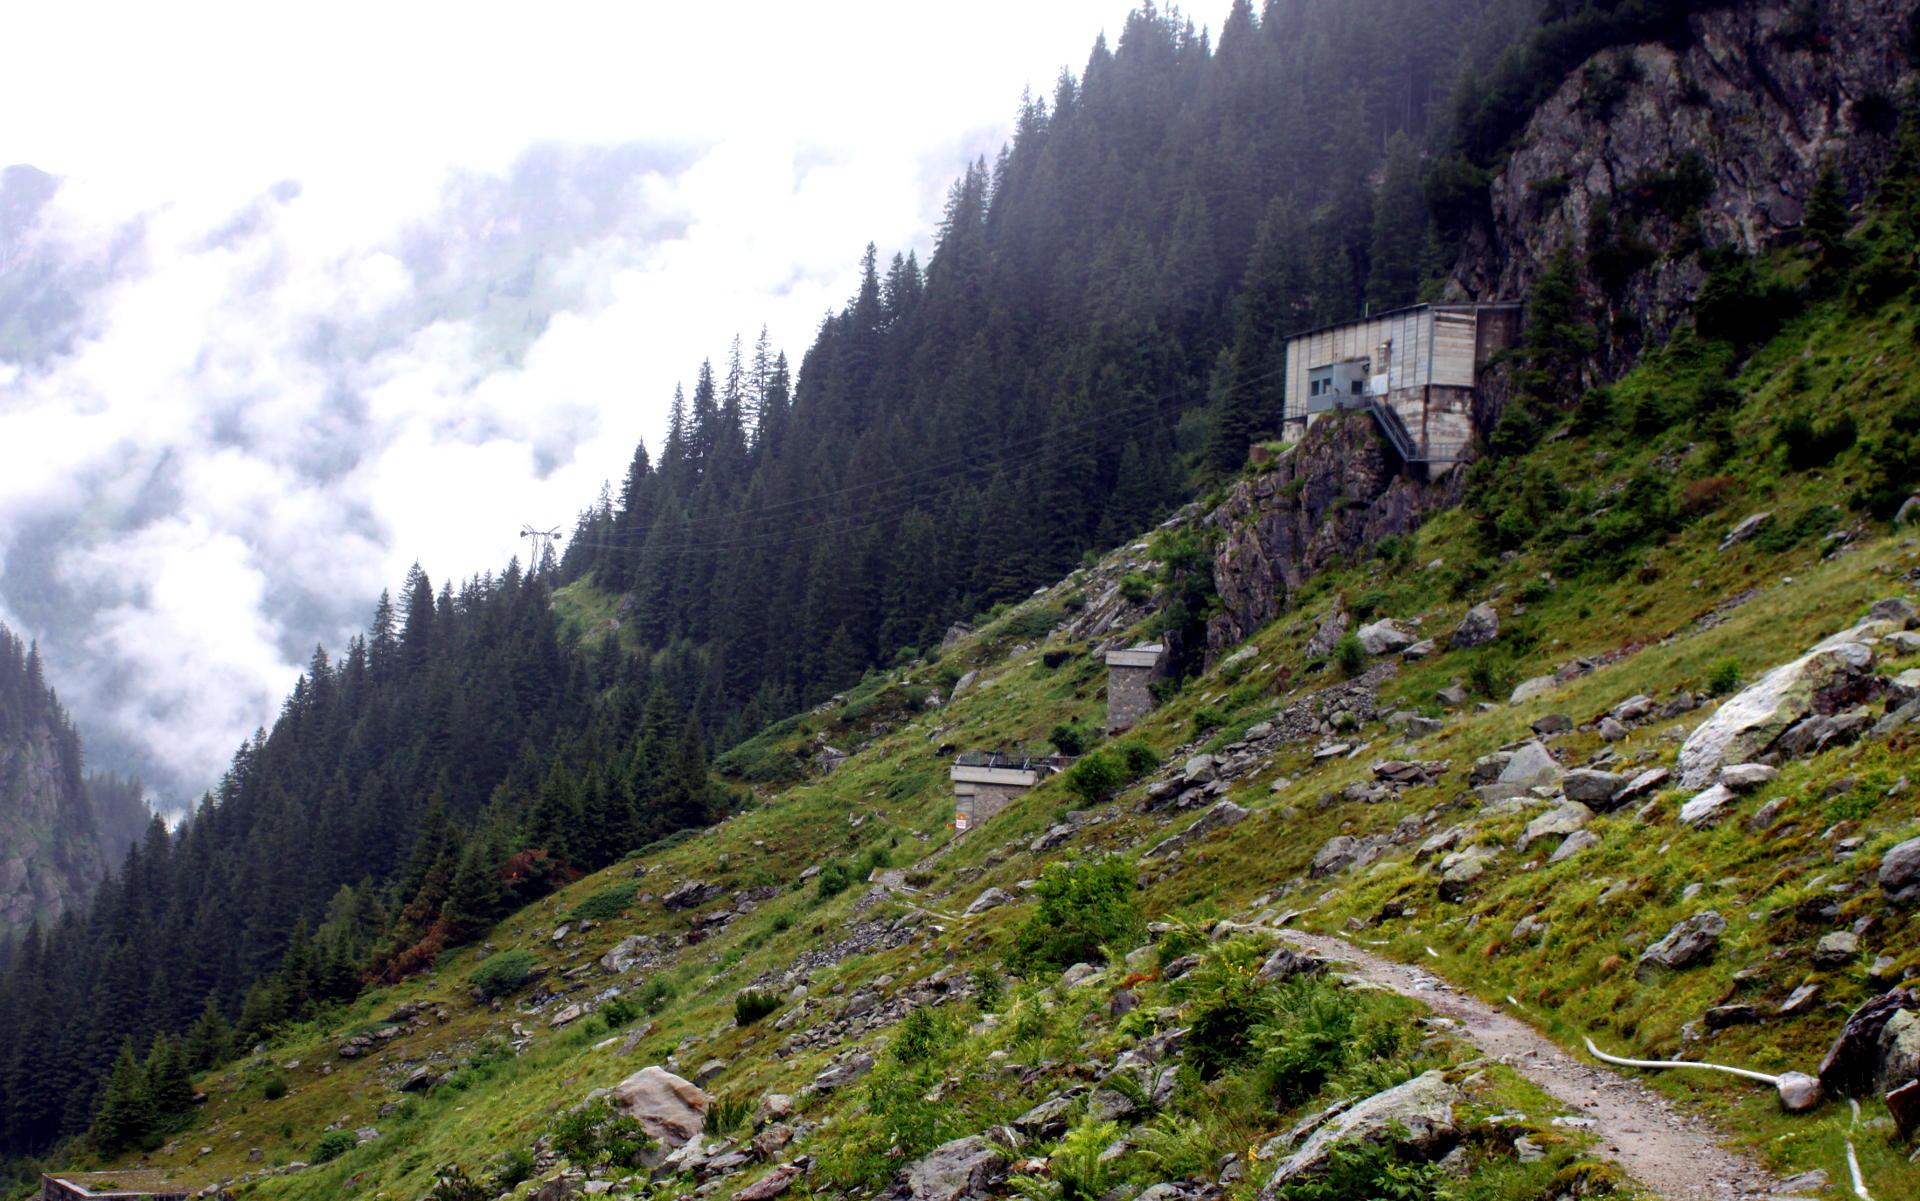 Szwajcaria wiodok Alpy górna stacja wyciągu do mostu trift iglawpodrozy